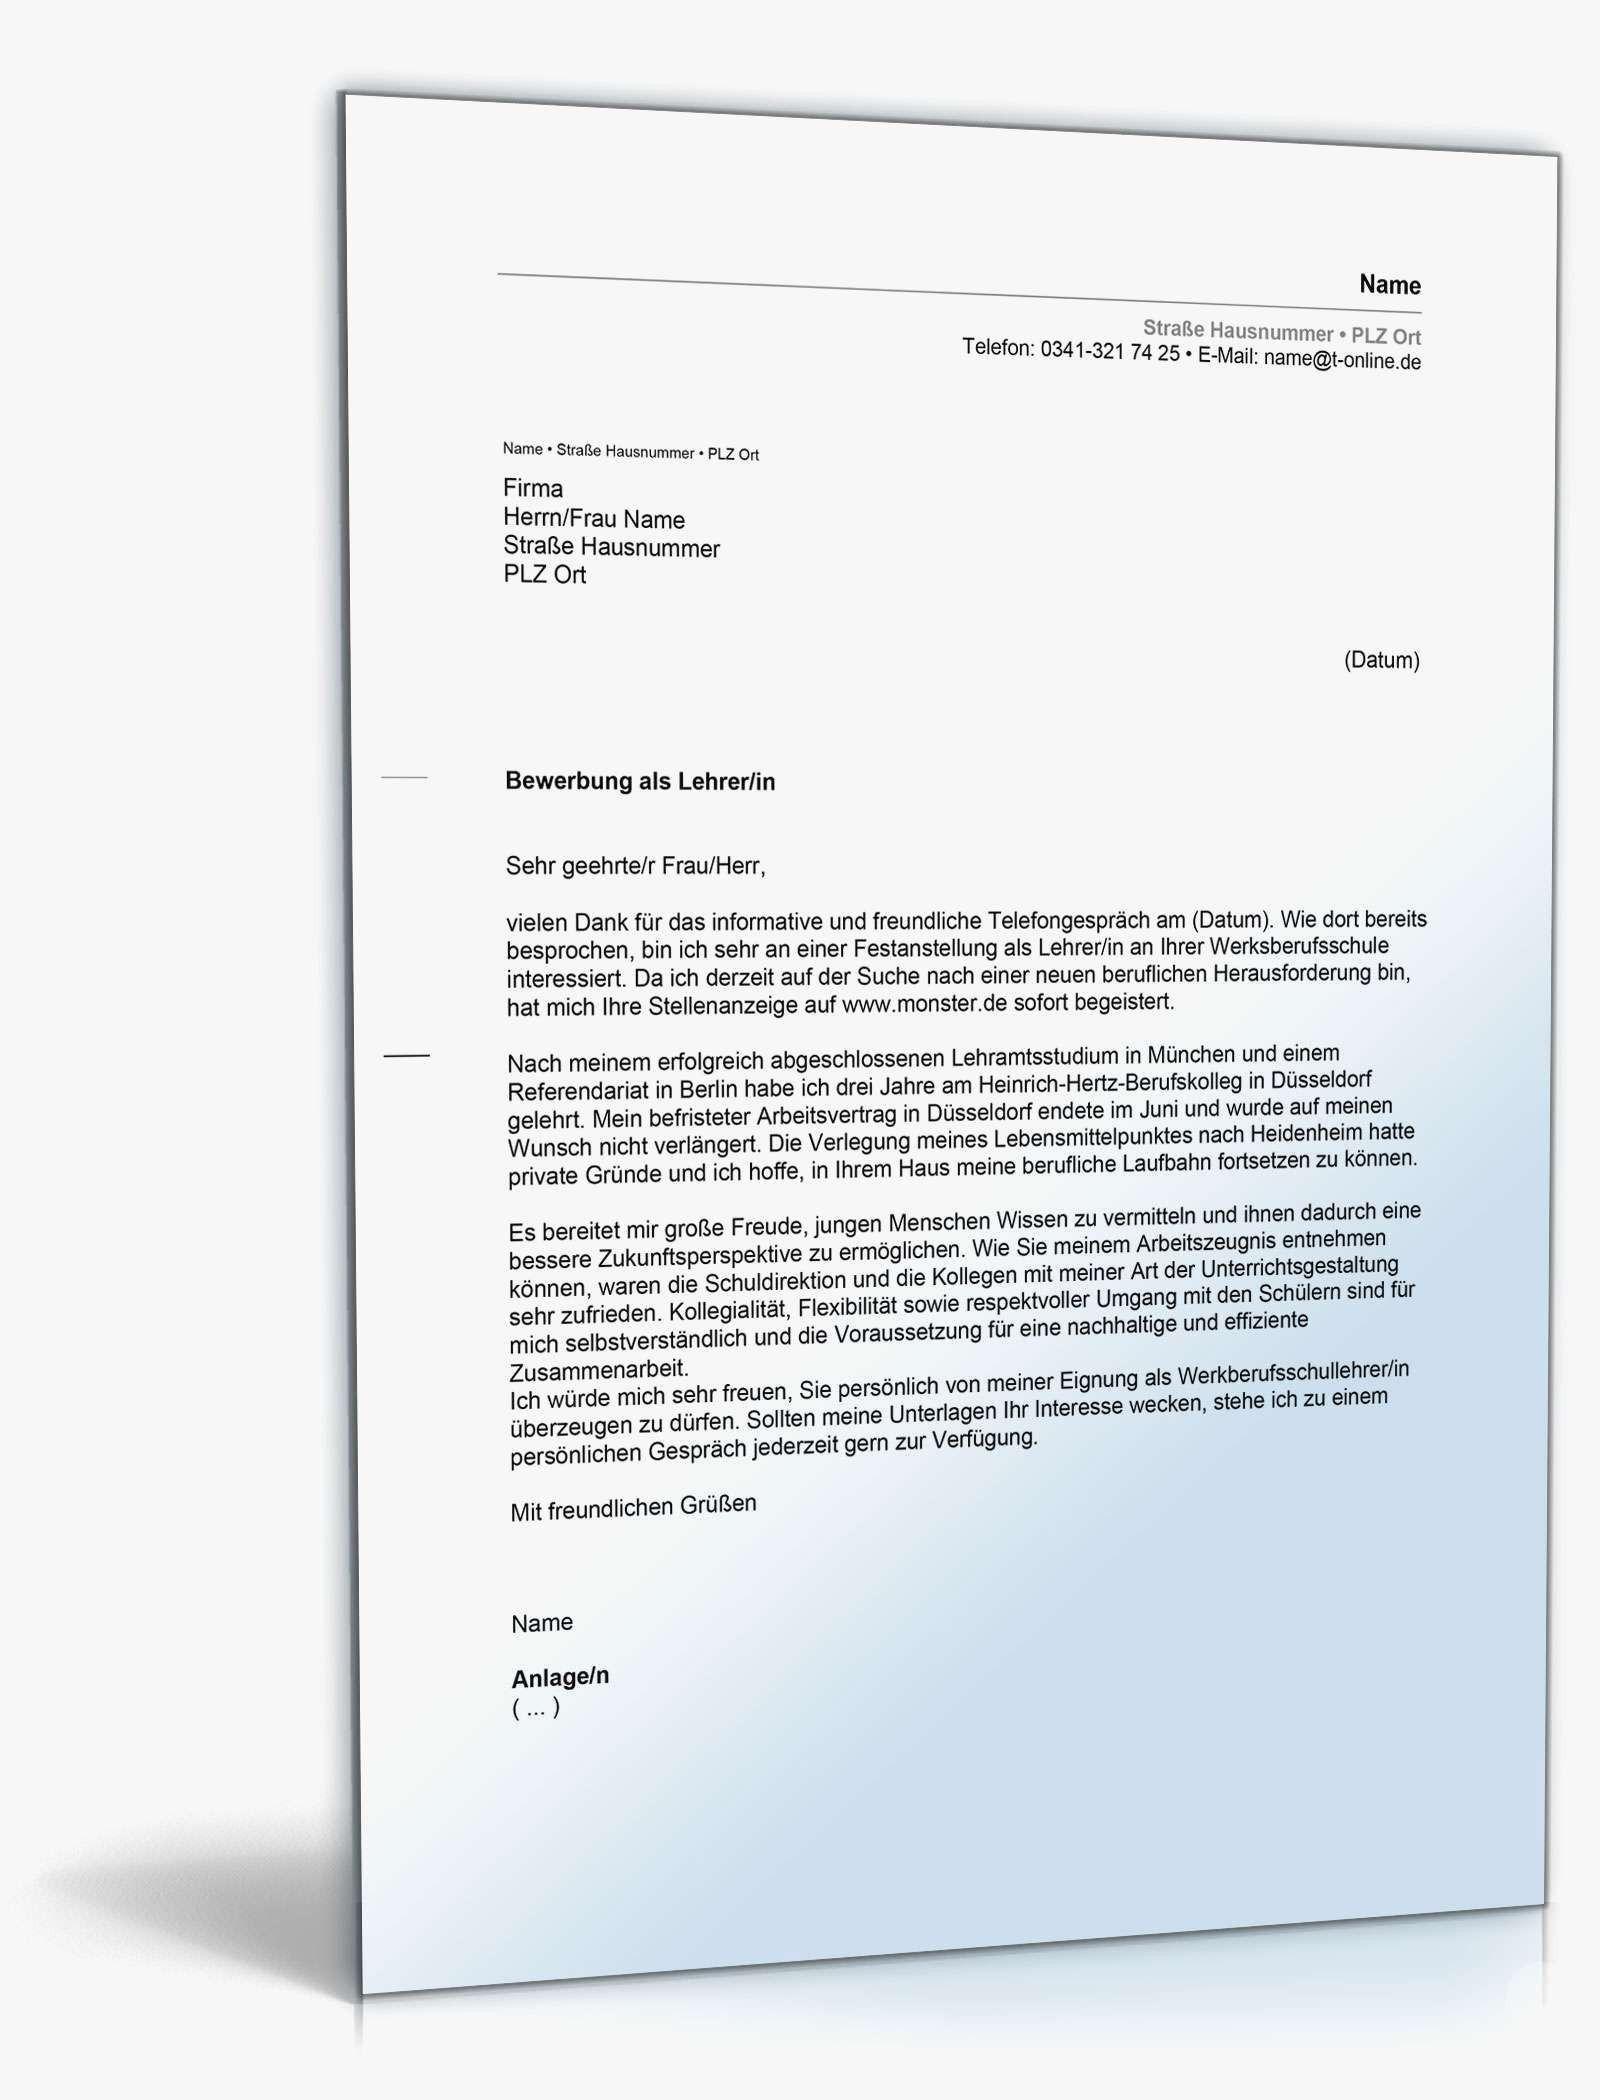 Einzigartig Bewerbung Als Hausmeister Quereinsteiger Briefprobe Briefformat Briefvorlage Anschreiben Vorlage Bewerbung Schreiben Lebenslauf